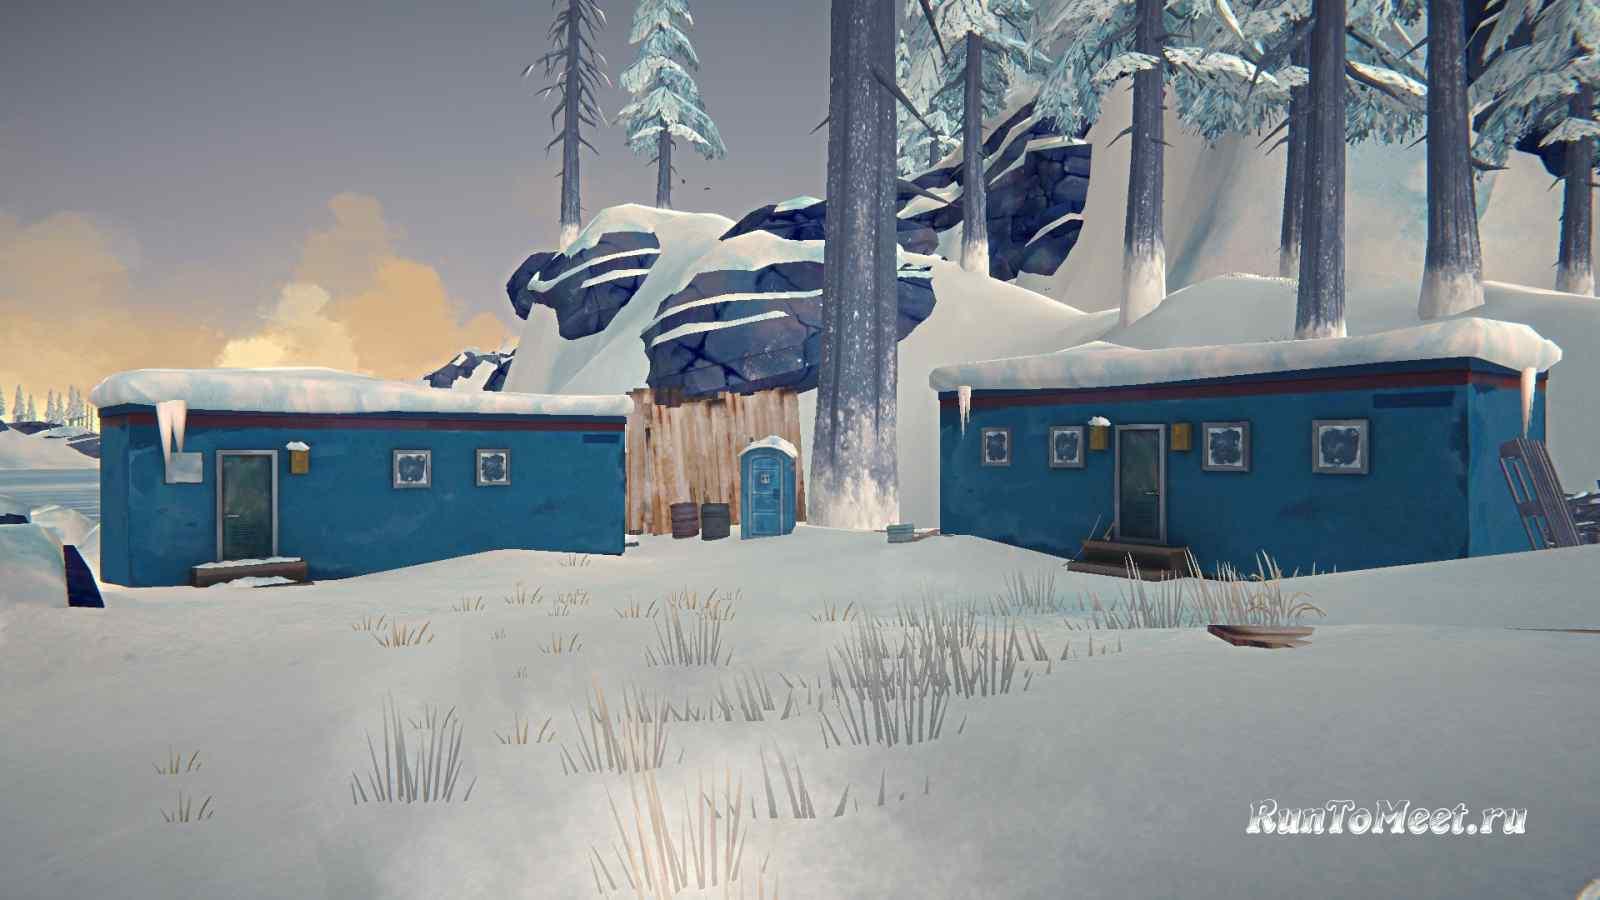 Два вагончика, возле Консервного завода, на Бледной бухте, в игре The long dark